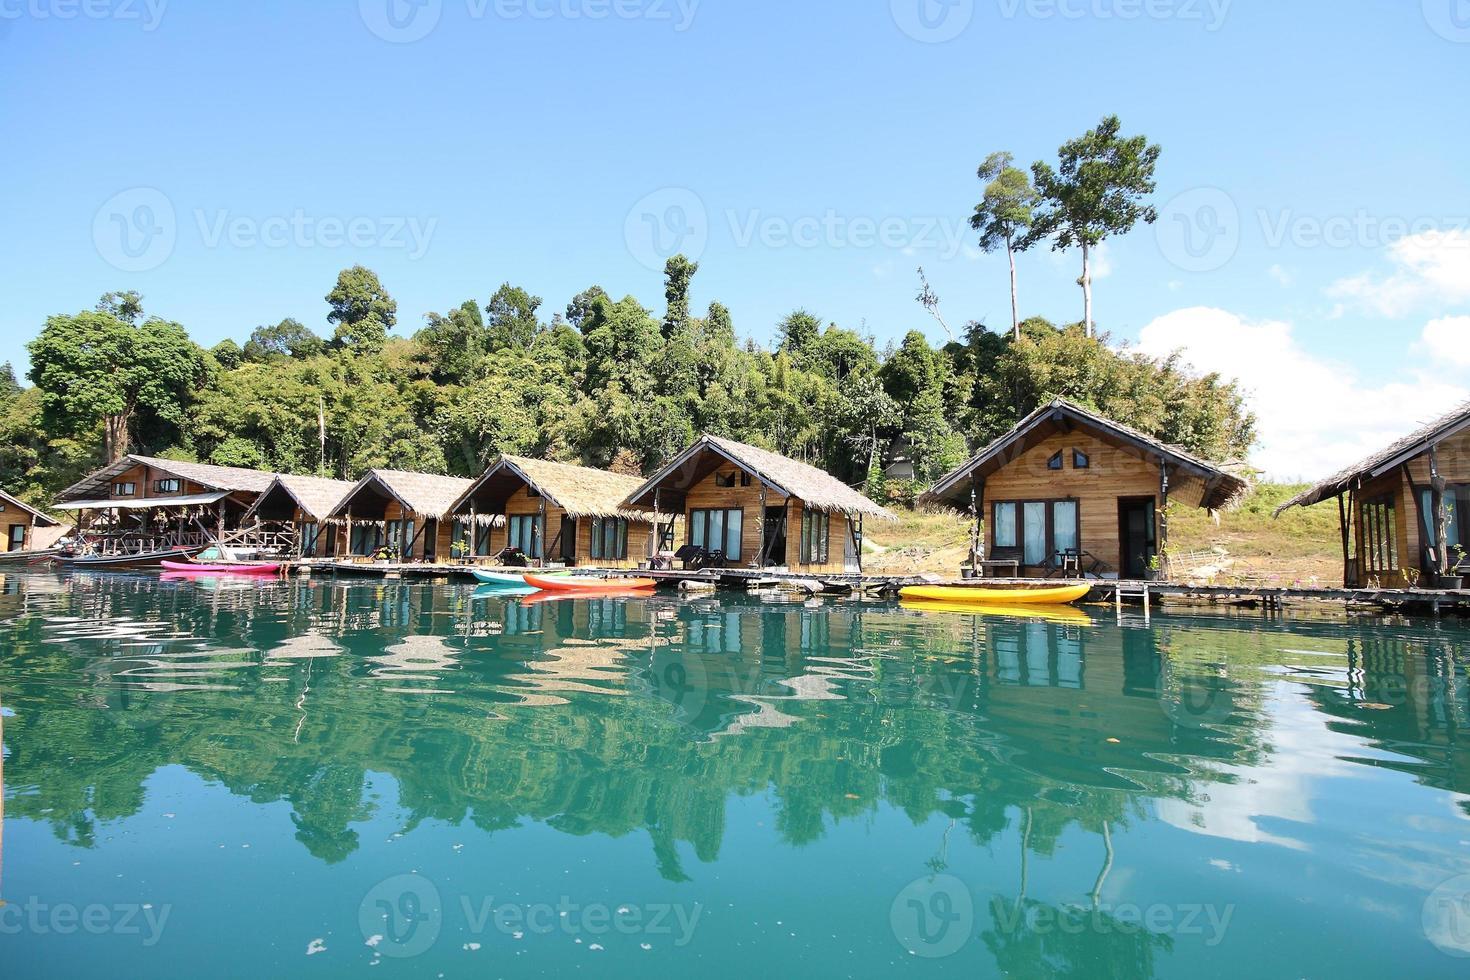 houseboat photo